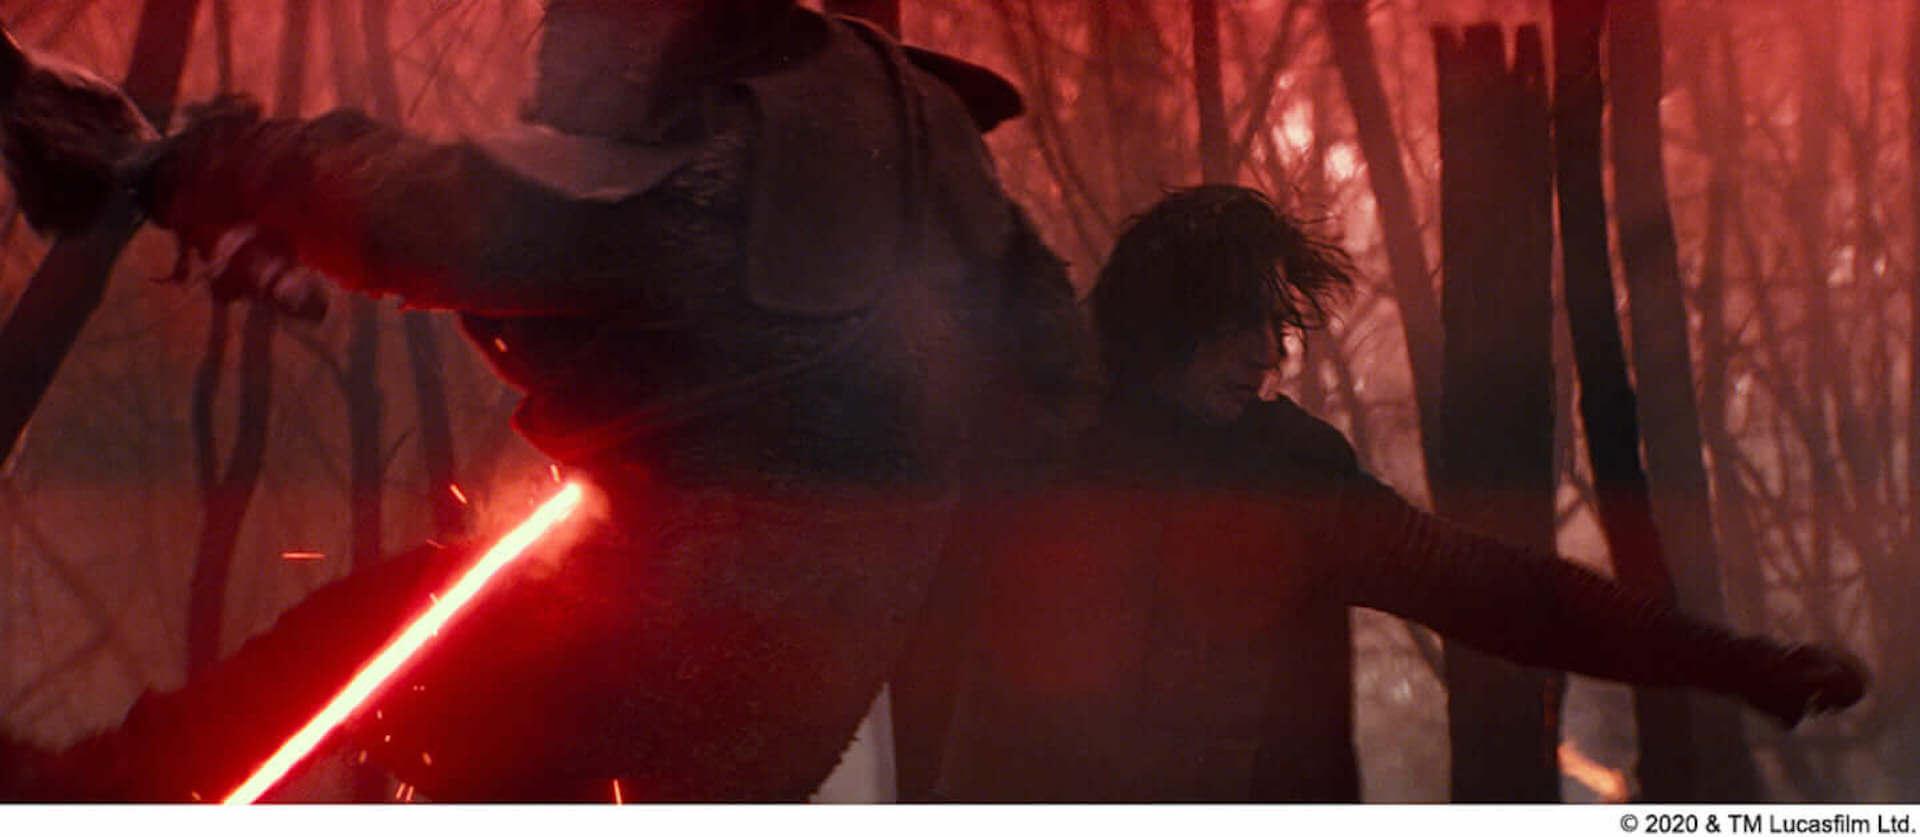 「スター・ウォーズ」シリーズをすべて渡り歩いたC-3PO俳優アンソニー・ダニエルズの舞台裏を収めた映像が解禁! film200424_starwars_6